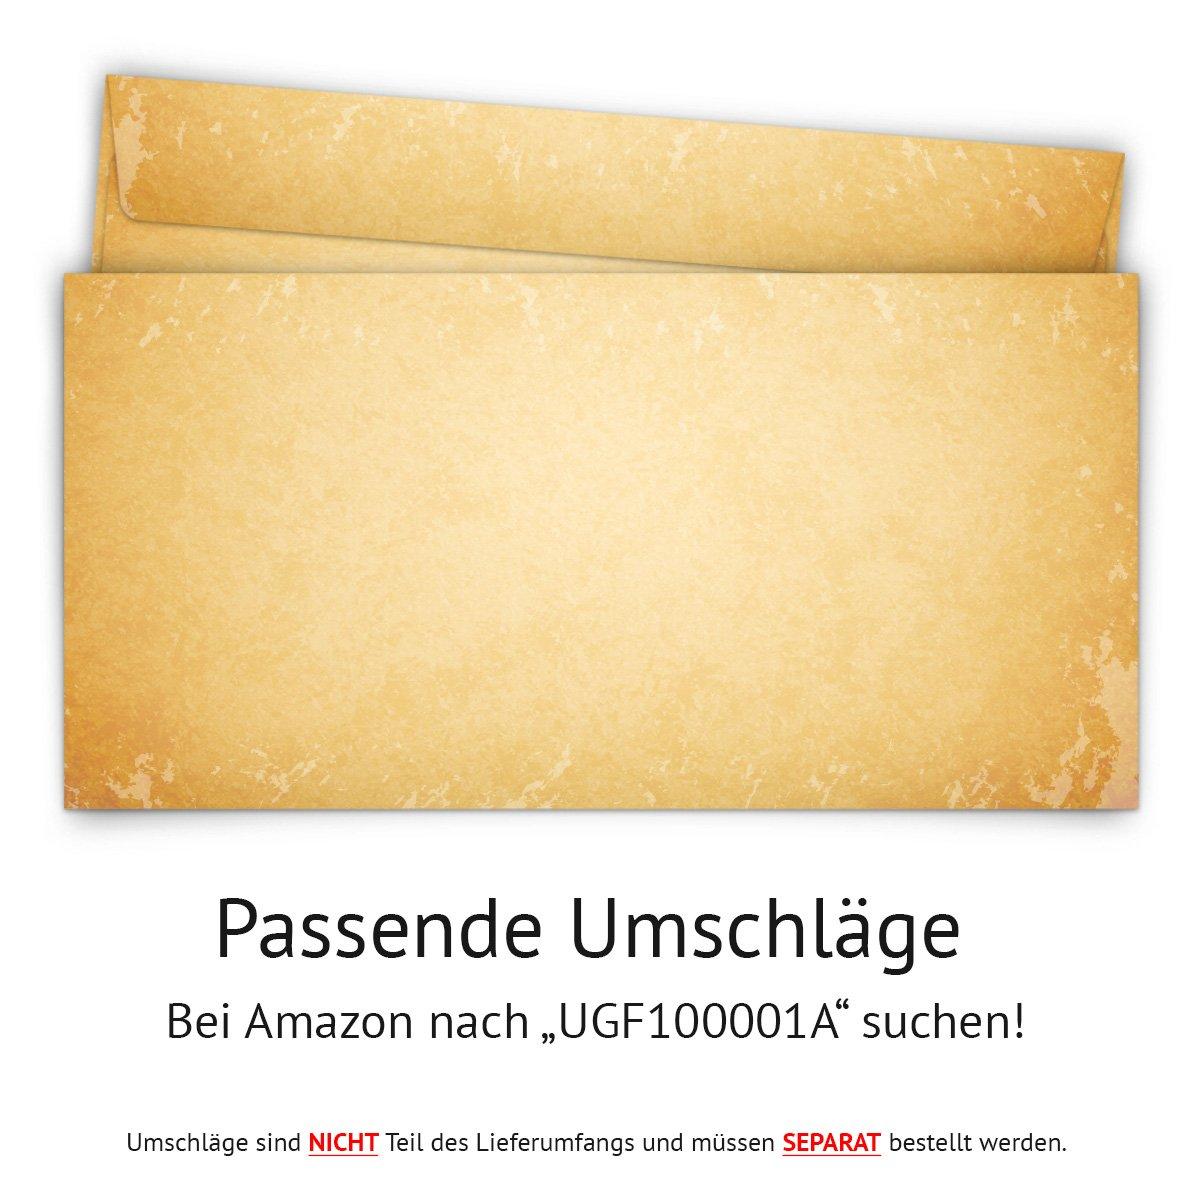 60 x Kommunion Dankeskarten Danksagungskarten Danksagungskarten Danksagungskarten Danksagung Kommunionskarten - Vintage Eintrittskarten in Blau B07C54W16J | Bevorzugtes Material  | Hohe Qualität  | Online-verkauf  e281fc